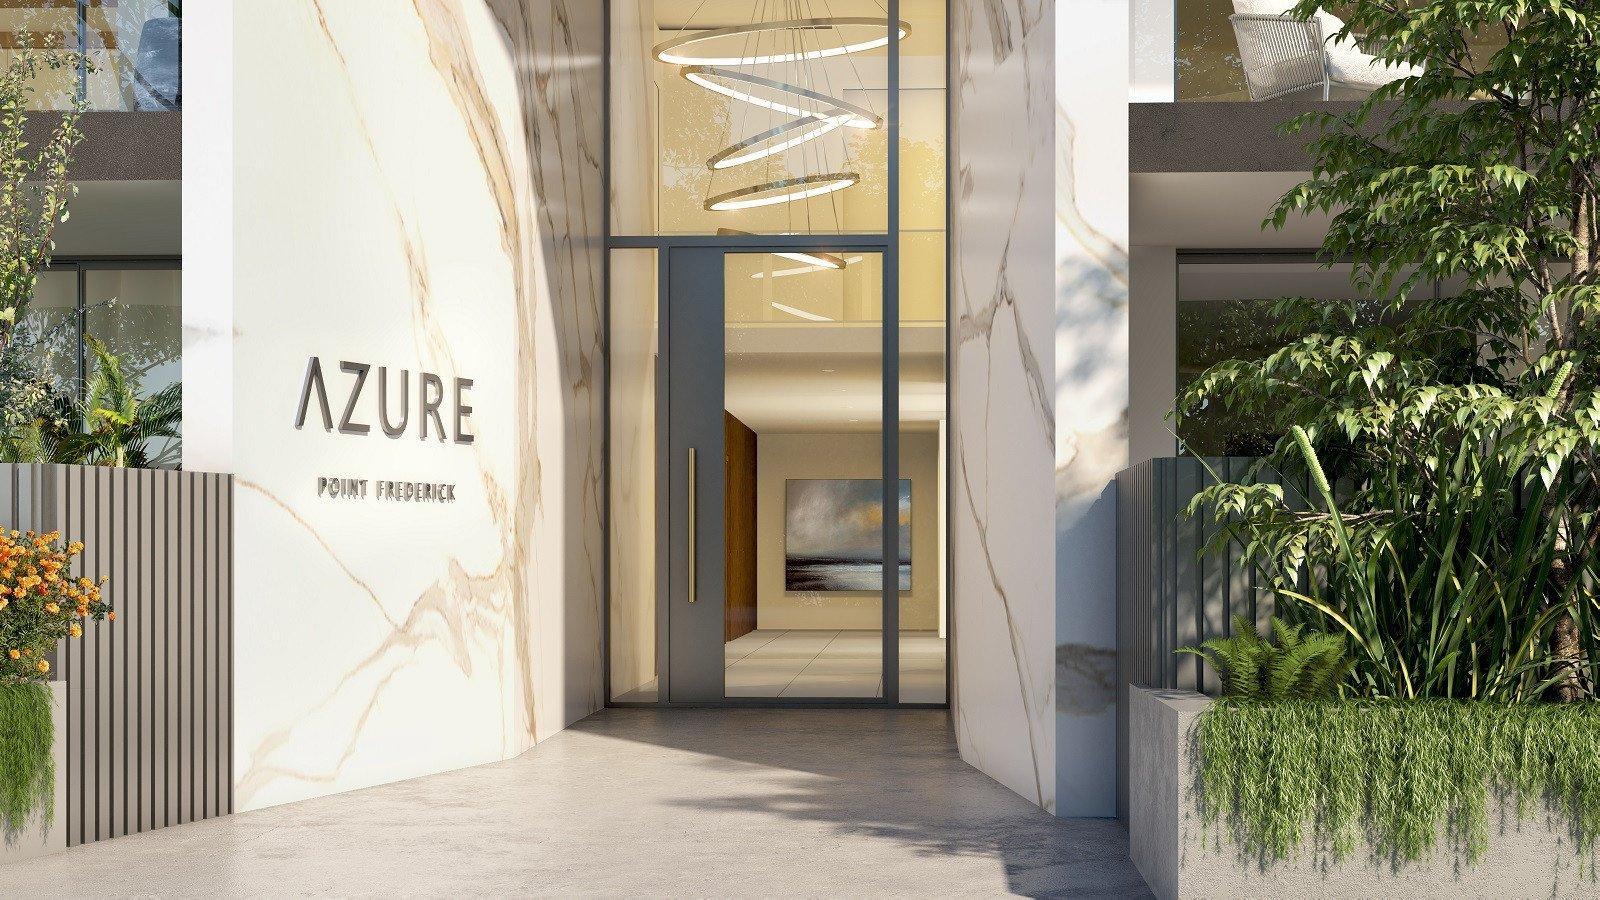 Azure Apartments-image-2